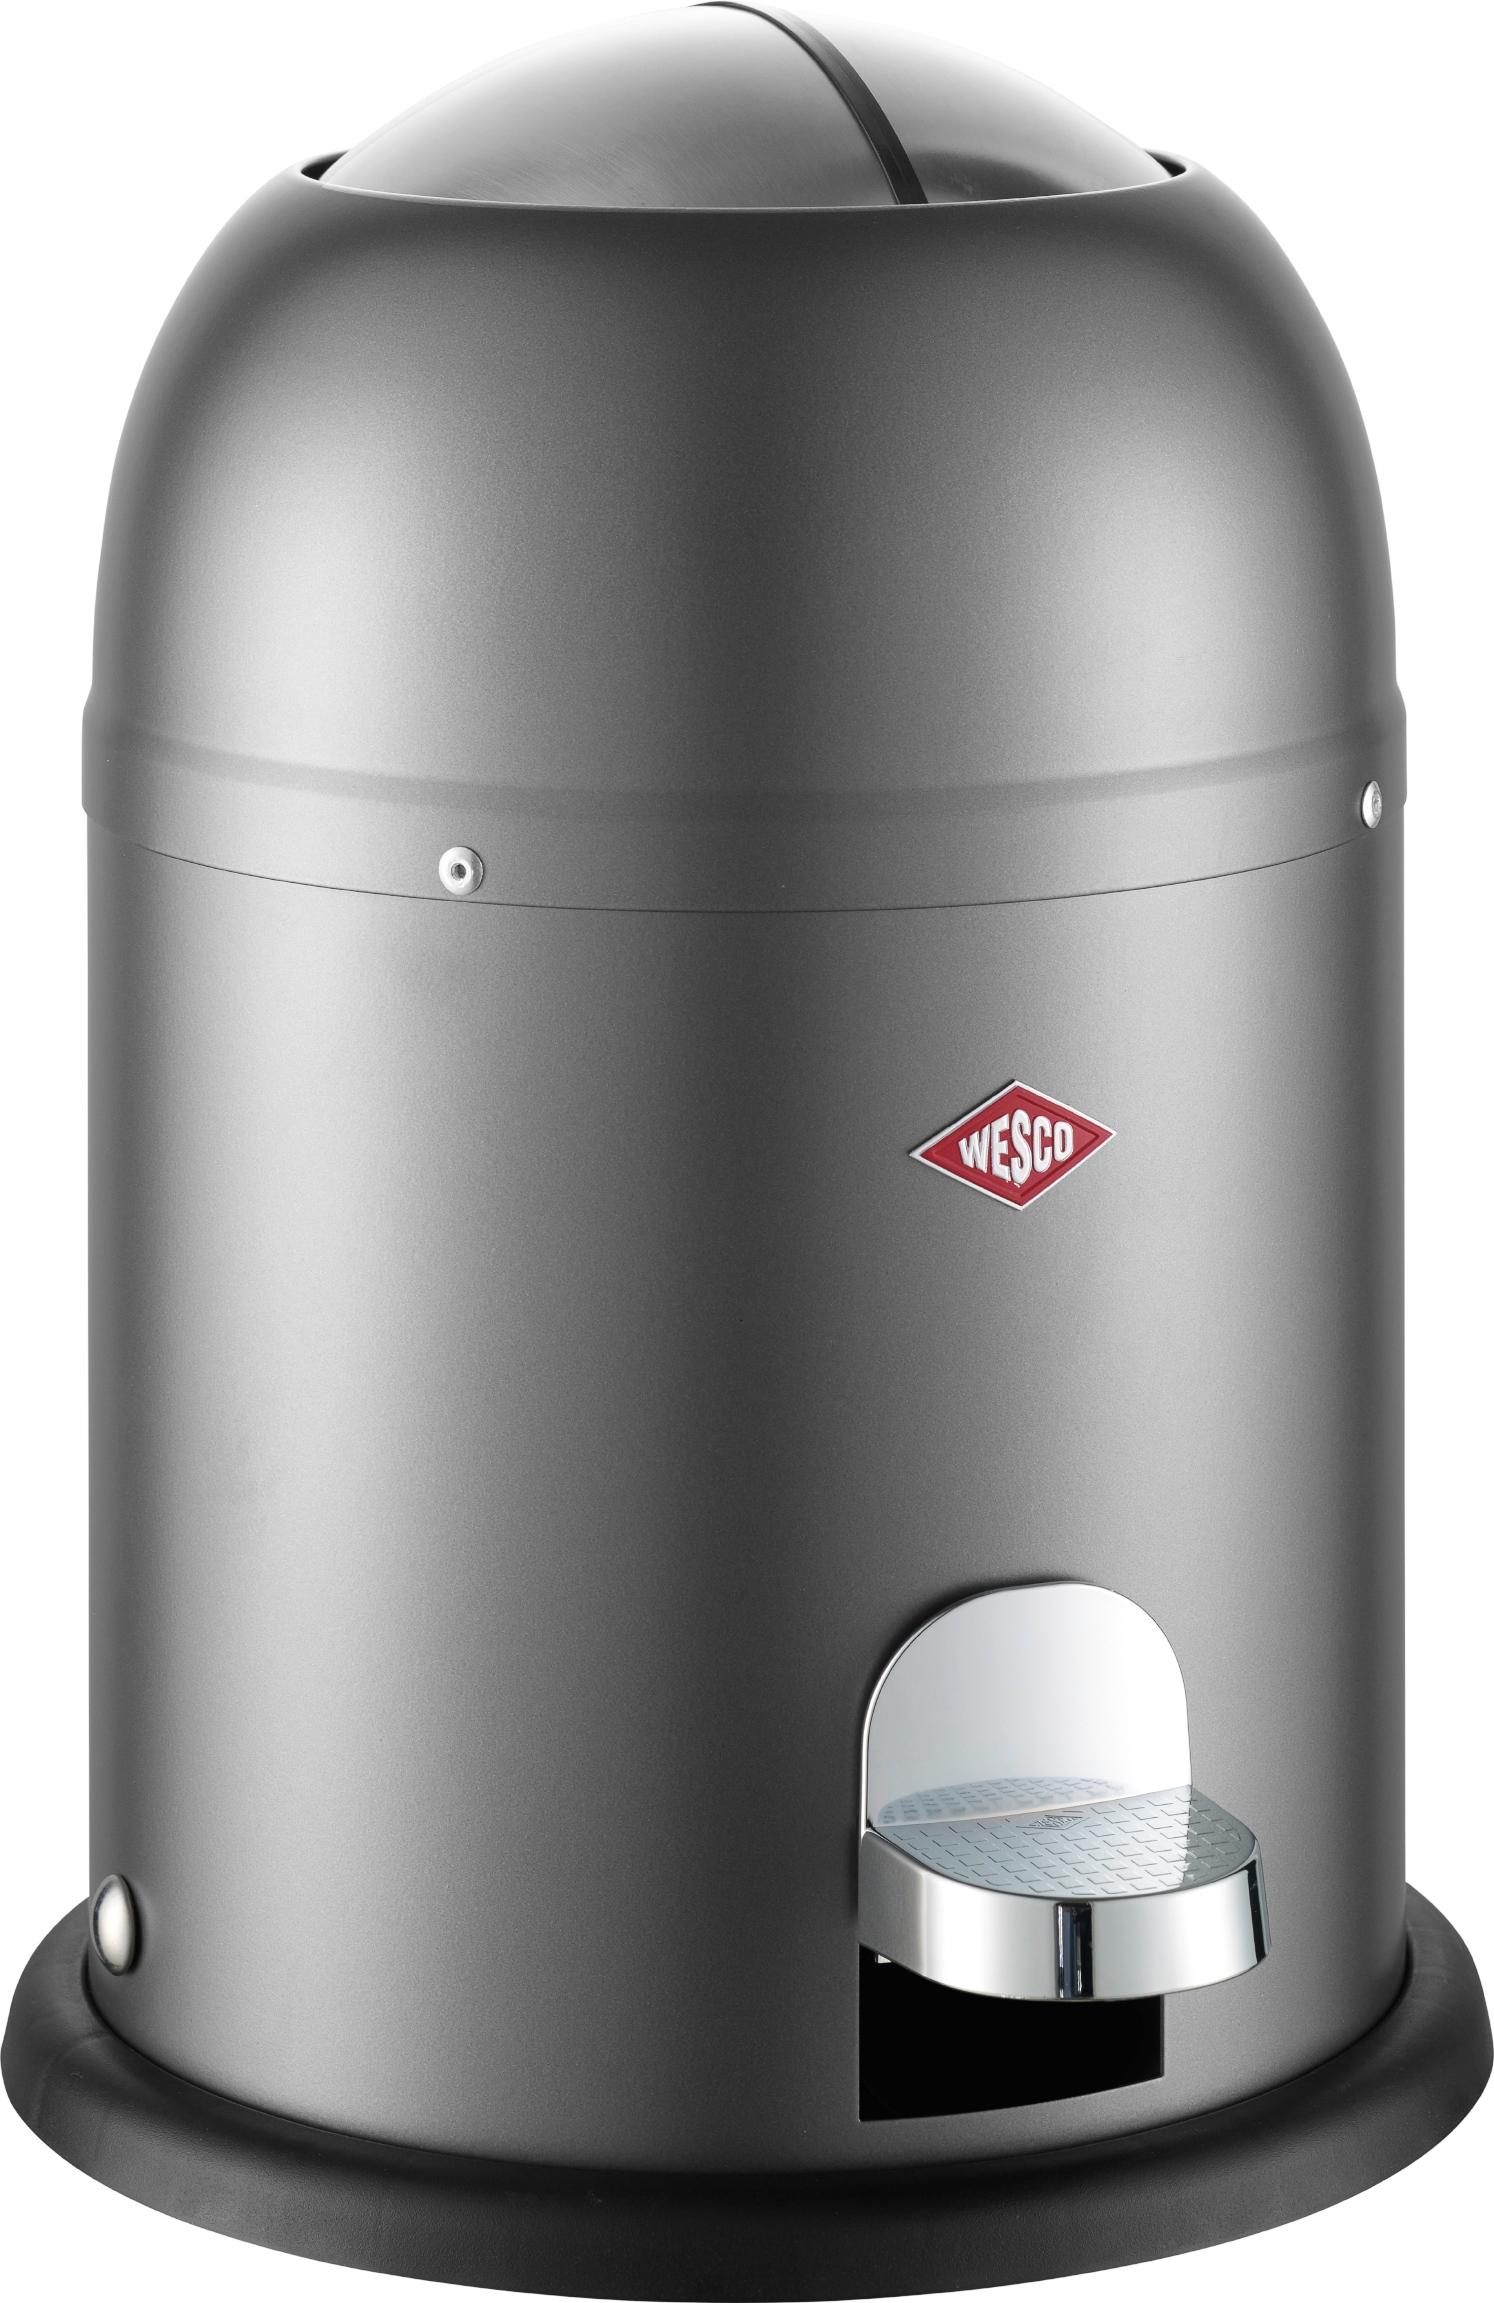 Wesco Abfallsammler MINI MASTER Wohnen/Haushalt/Haushaltswaren/Reinigung/Mülleimer/Mülltrennsysteme